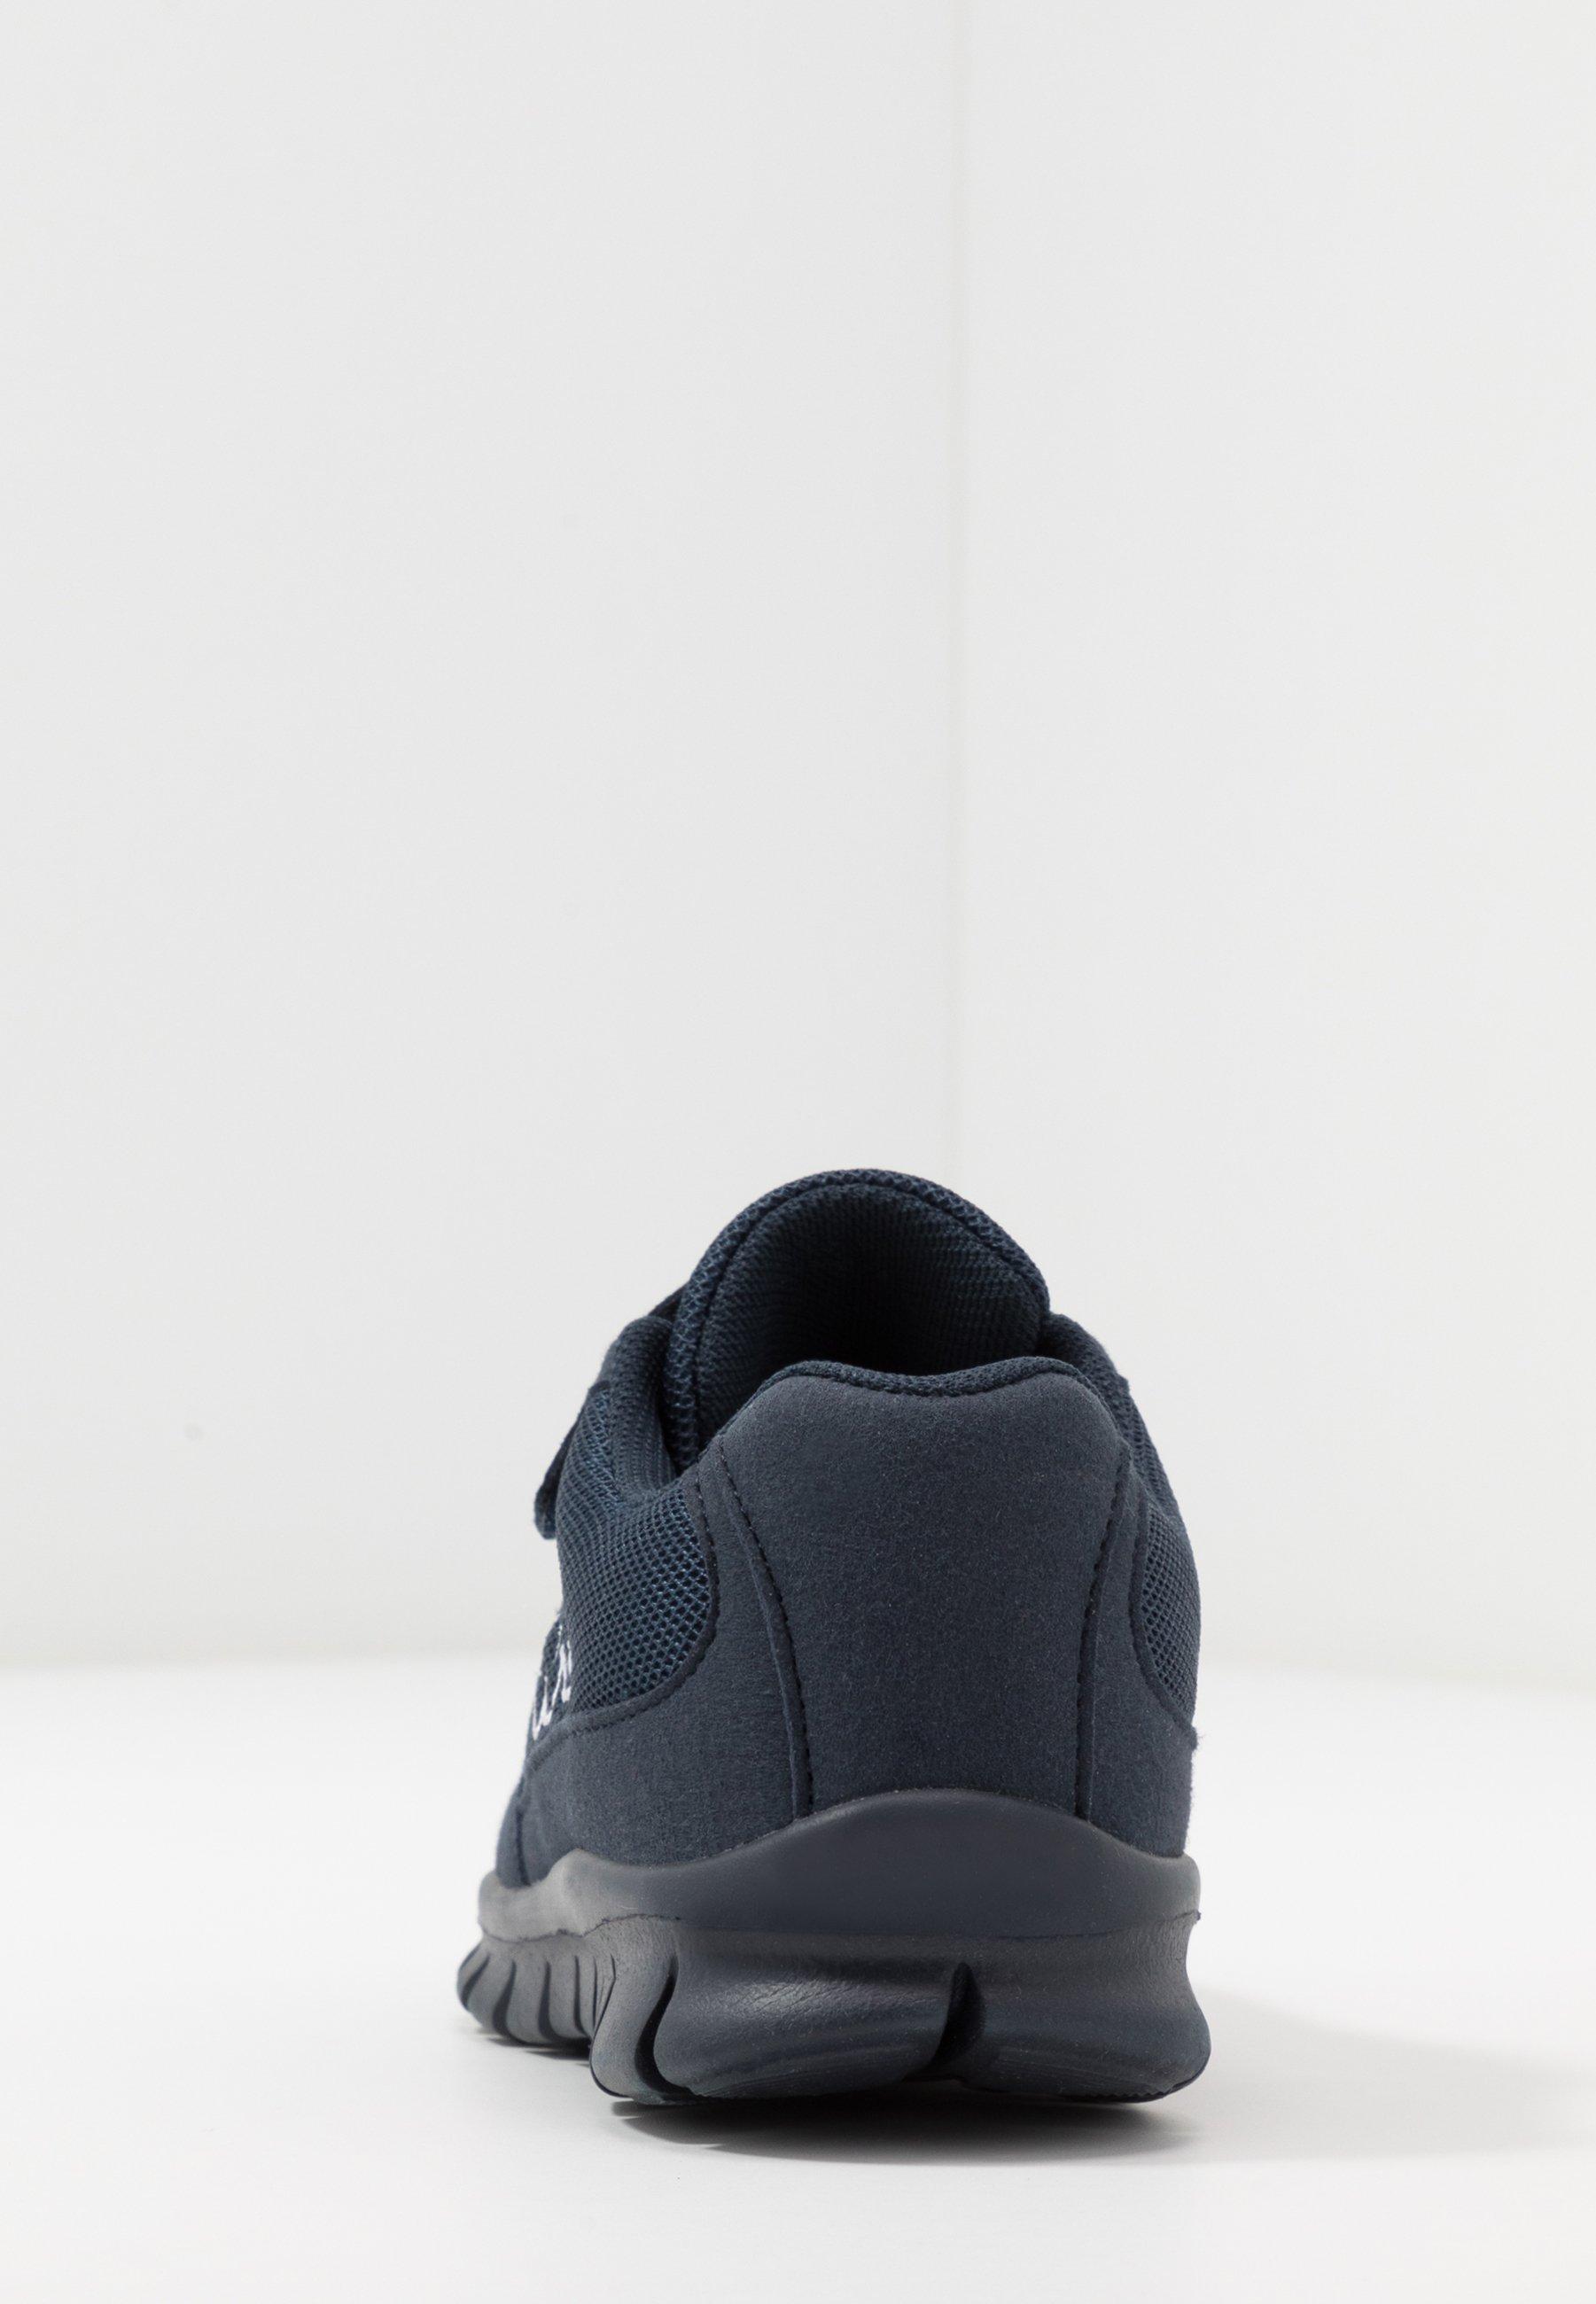 A hoy Kappa FOLLOW - Zapatillas de entrenamiento - navy/white   Zapatos para niños 2020 zPspp